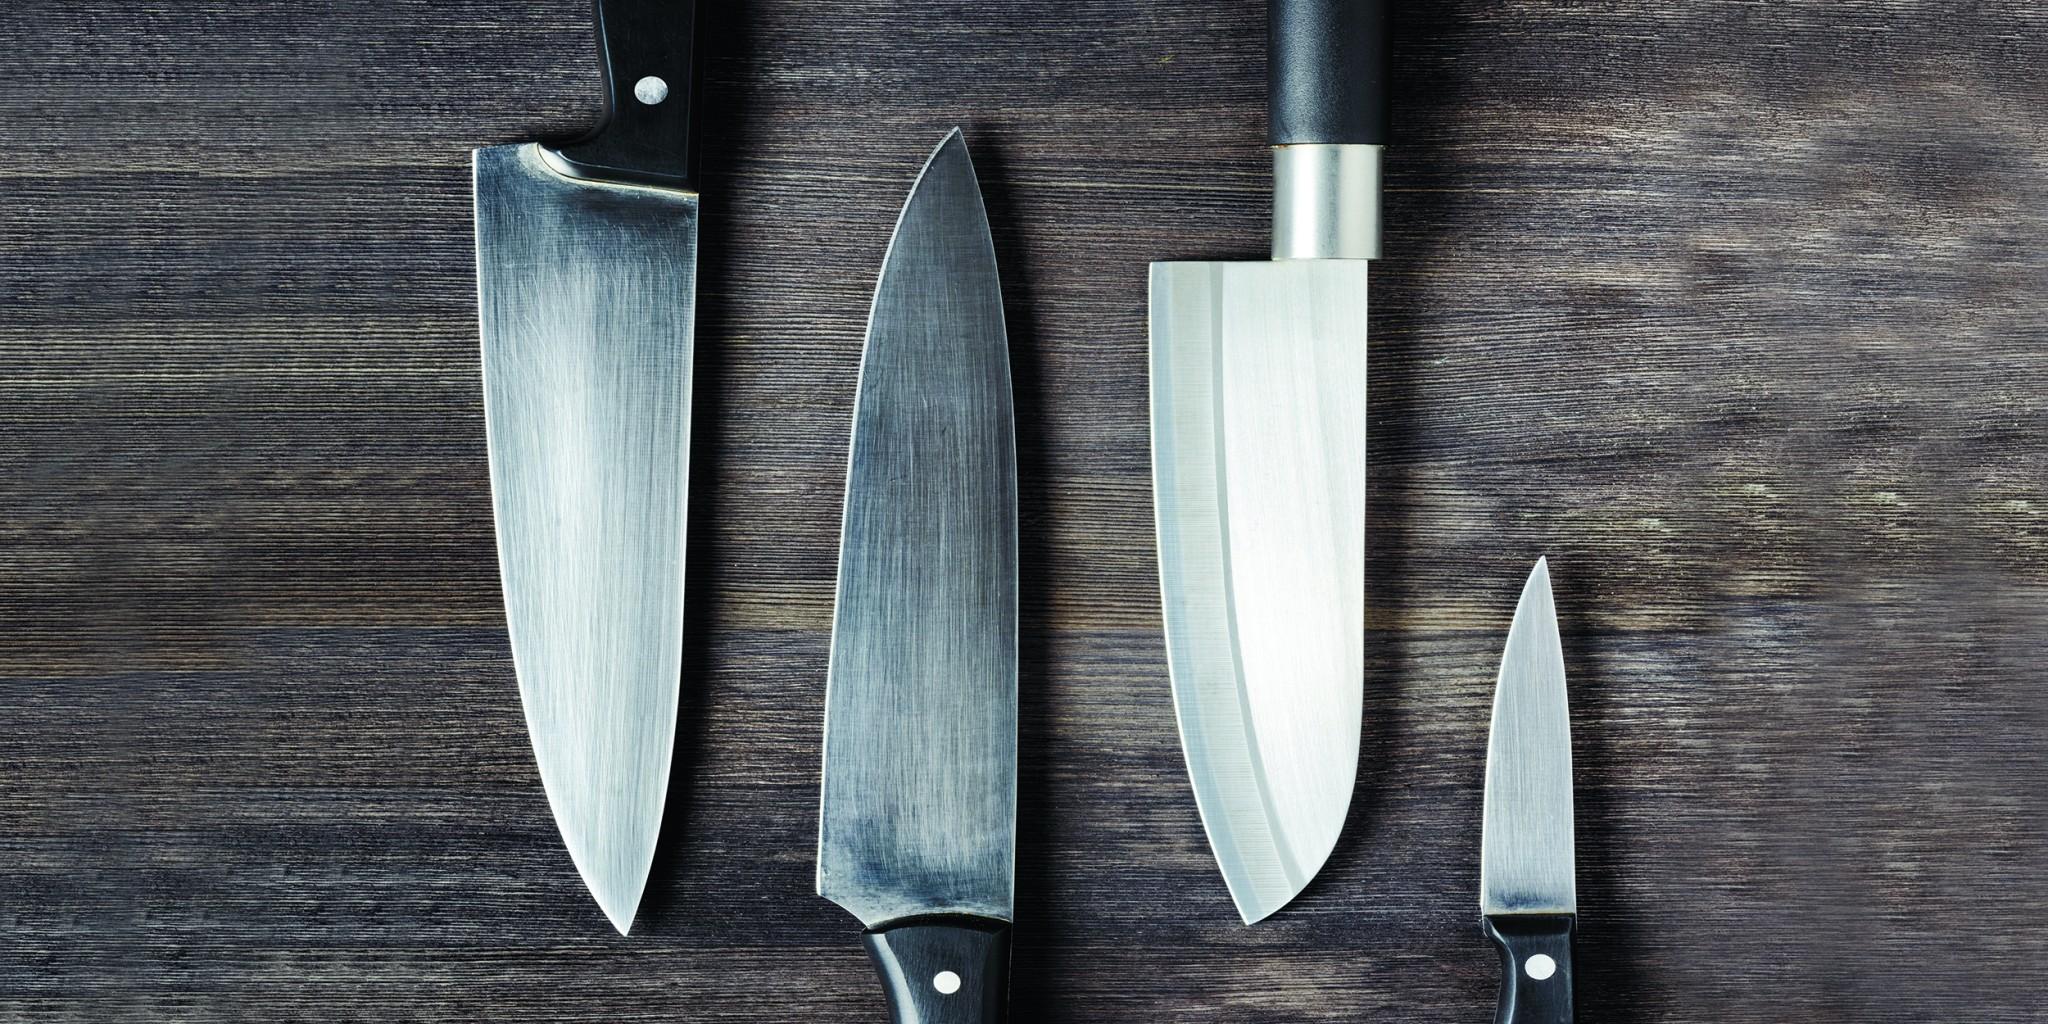 Как наточить нож в домашних условиях. - Доктор Лом. Первая 73